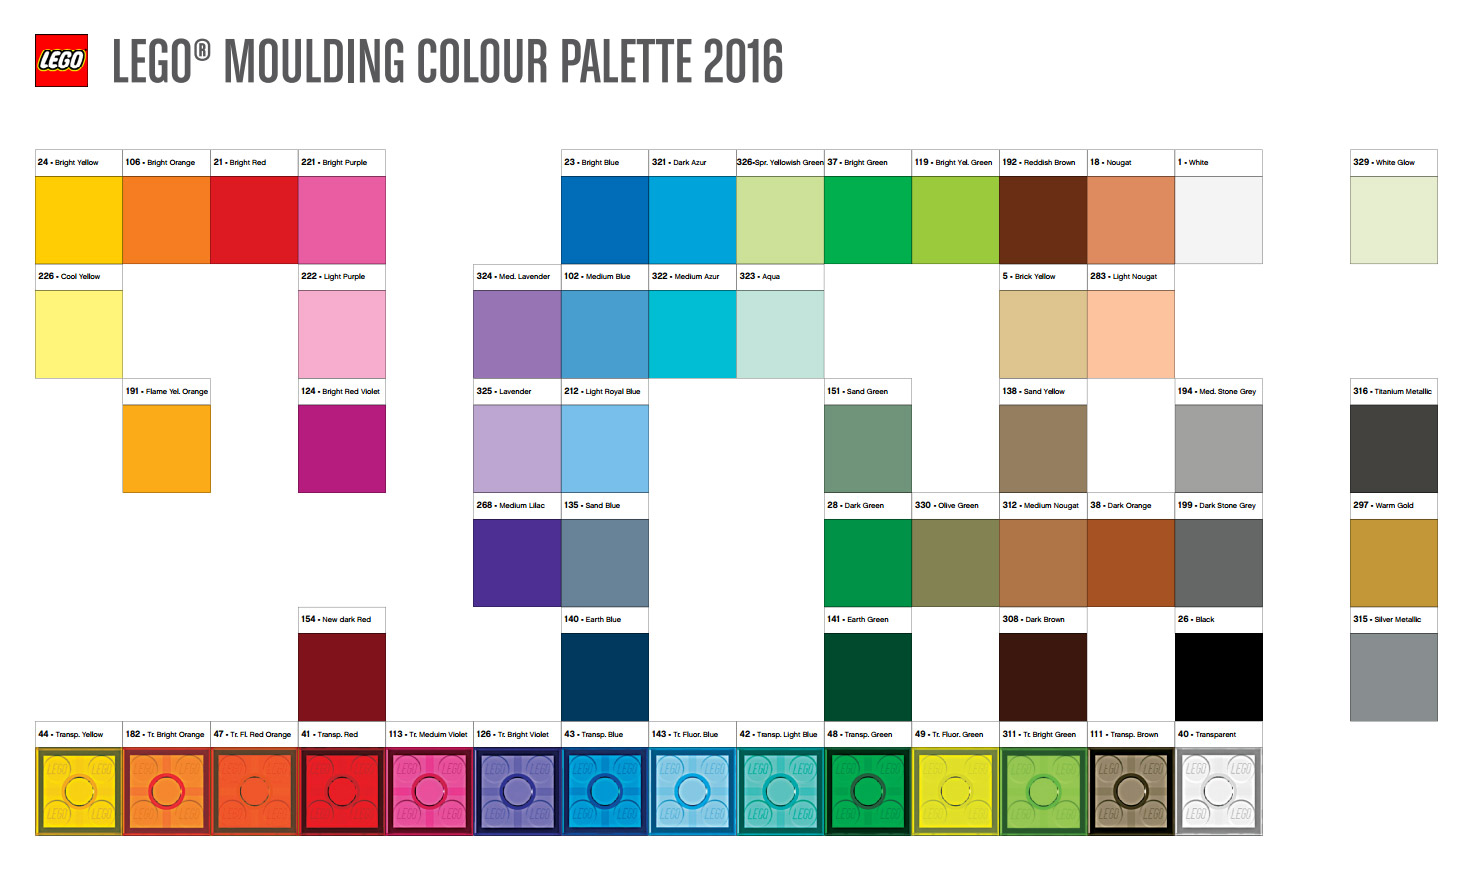 couleurs lego la palette 2016 hellobricks blog lego. Black Bedroom Furniture Sets. Home Design Ideas